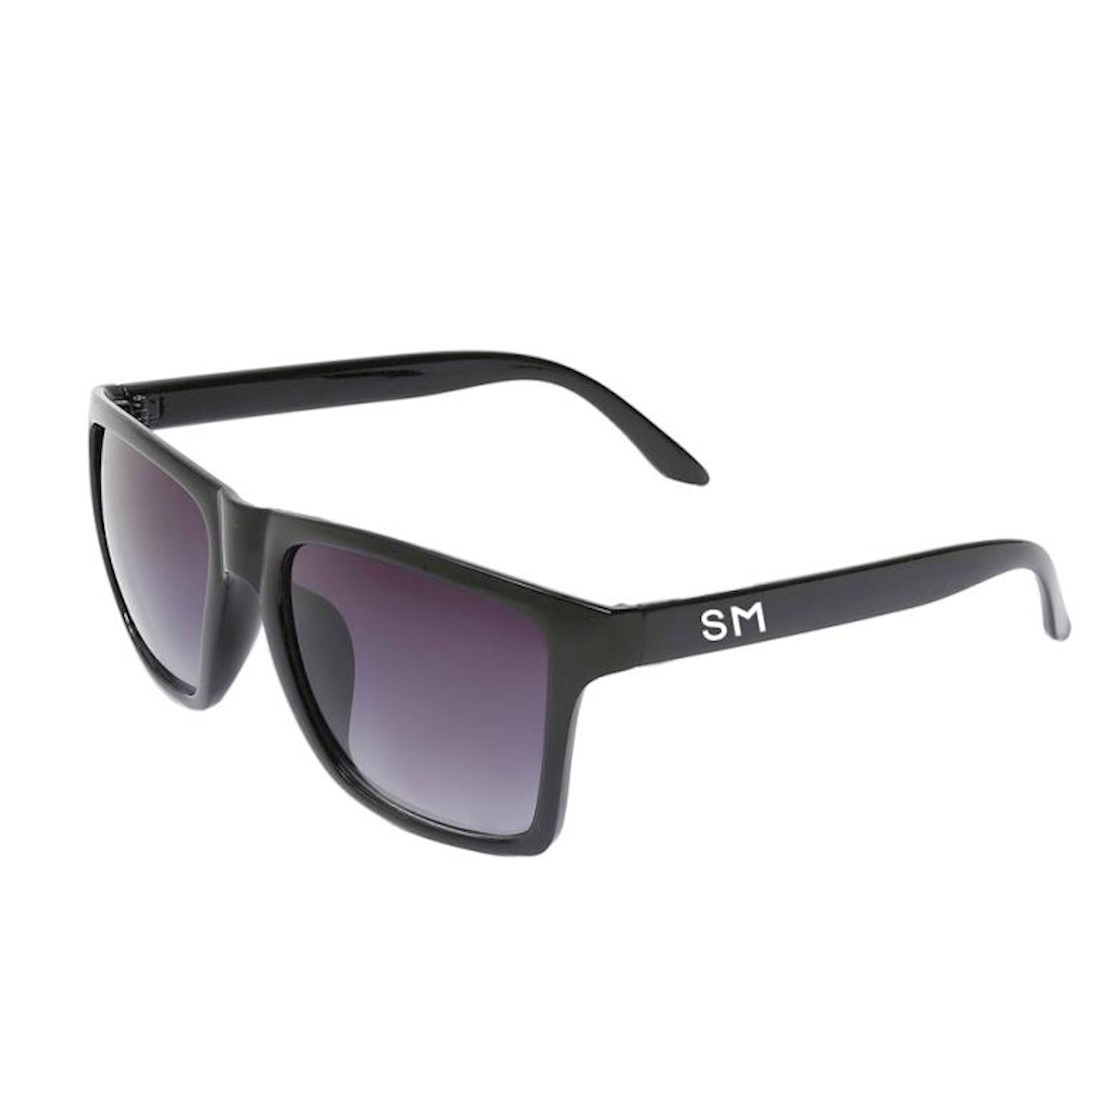 6d20417f55724 Óculos De Sol Masculino Sandro Moscoloni Pierre Preto - R  124,88 em ...